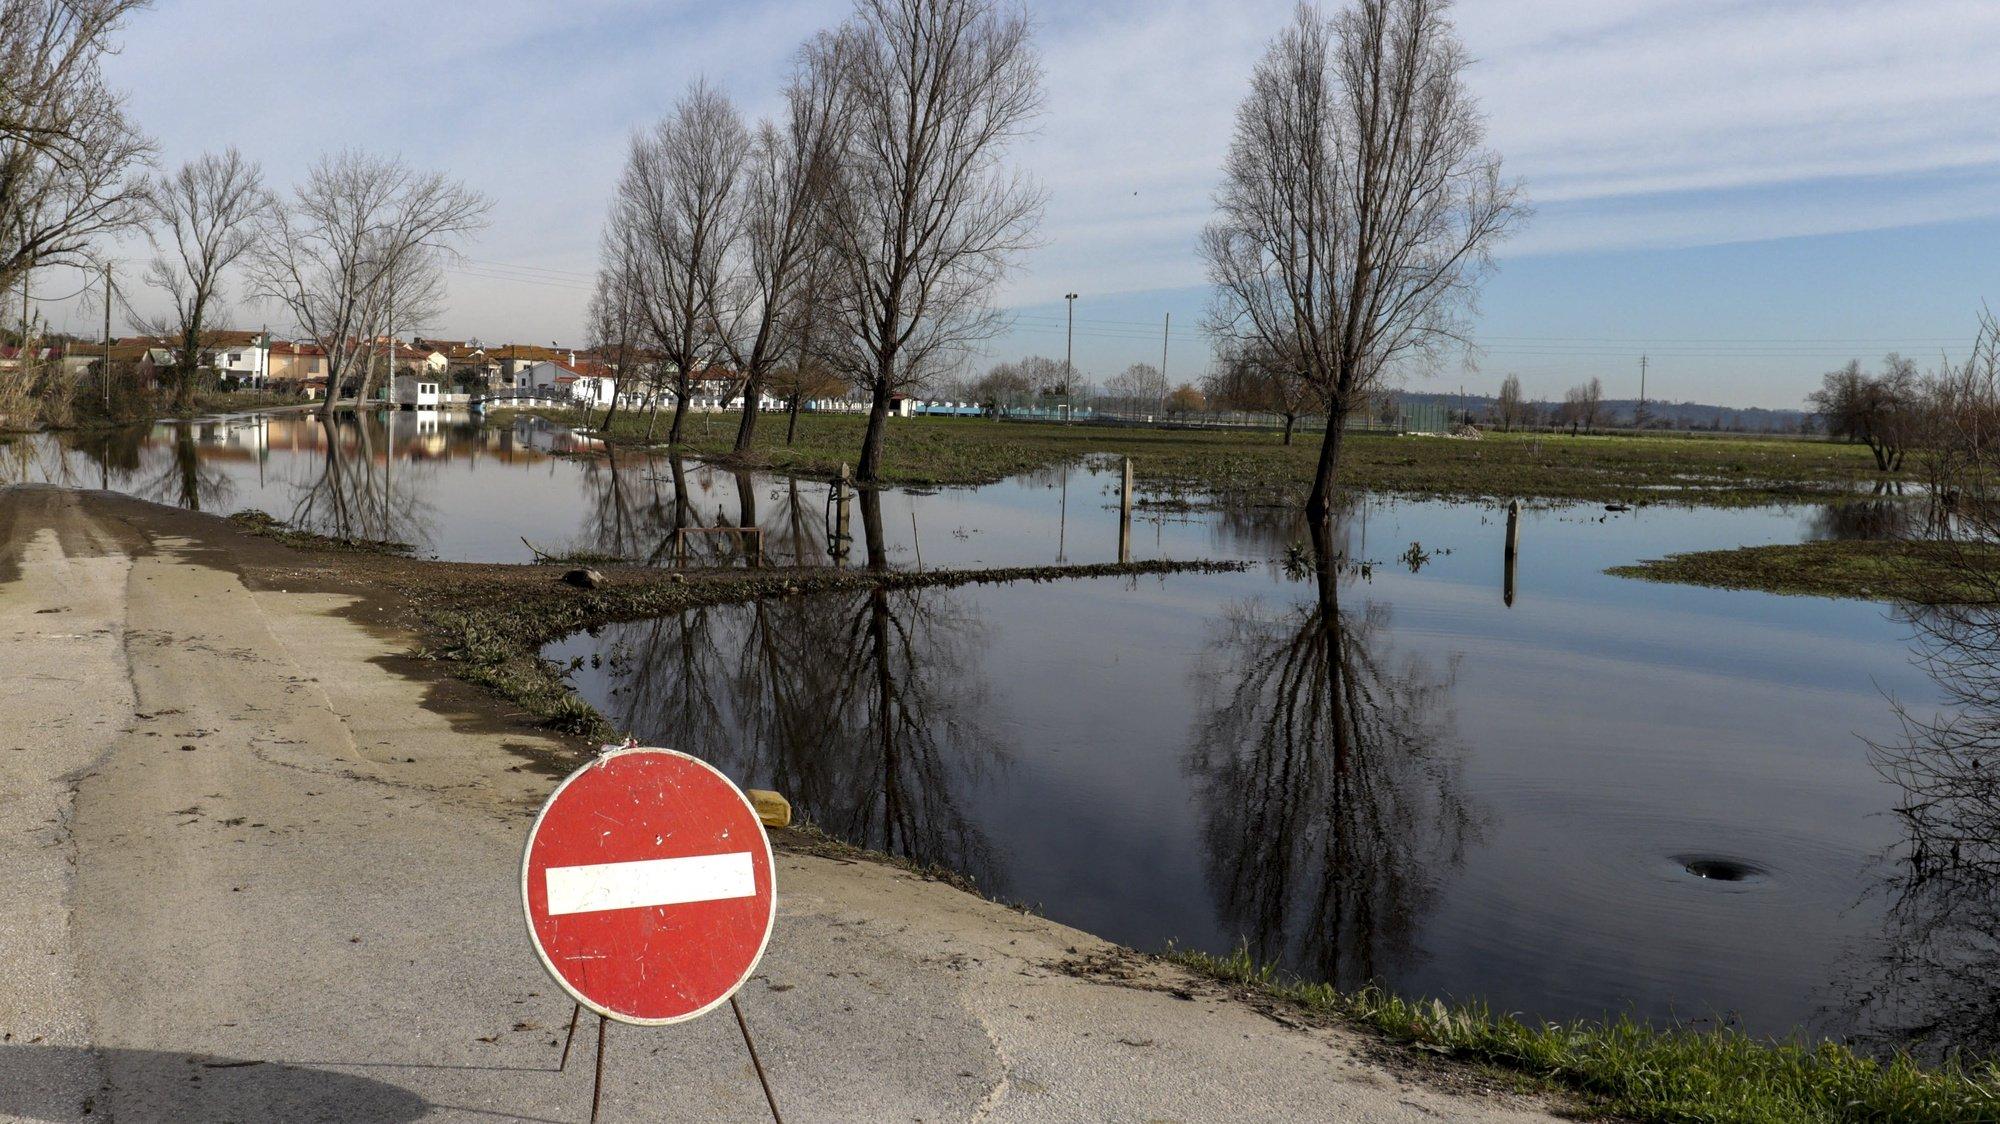 """A população da Ereira, Montemor-o-Velho, teme que as próximas chuvas e uma nova subida do rio Mondego venham a inundar a aldeia, devido a uma vala atulhada de detritos e vegetação que não permite escoar a água, Montemor-o-Velho, Coimbra, 6 de janeiro de 2020. Em declarações à Lusa, o presidente de junta da Ereira, Vasco Martins (ausente na fotografia), resumiu a """"preocupação"""" da população, argumentando que """"existe um problema grave"""" com a vala de enxugo, por esta estar cheira de detritos e vegetação que praticamente impossibilita a normal circulação da água. (ACOMPANHA TEXTO). JOSÉ LUIS SOUSA/LUSA"""